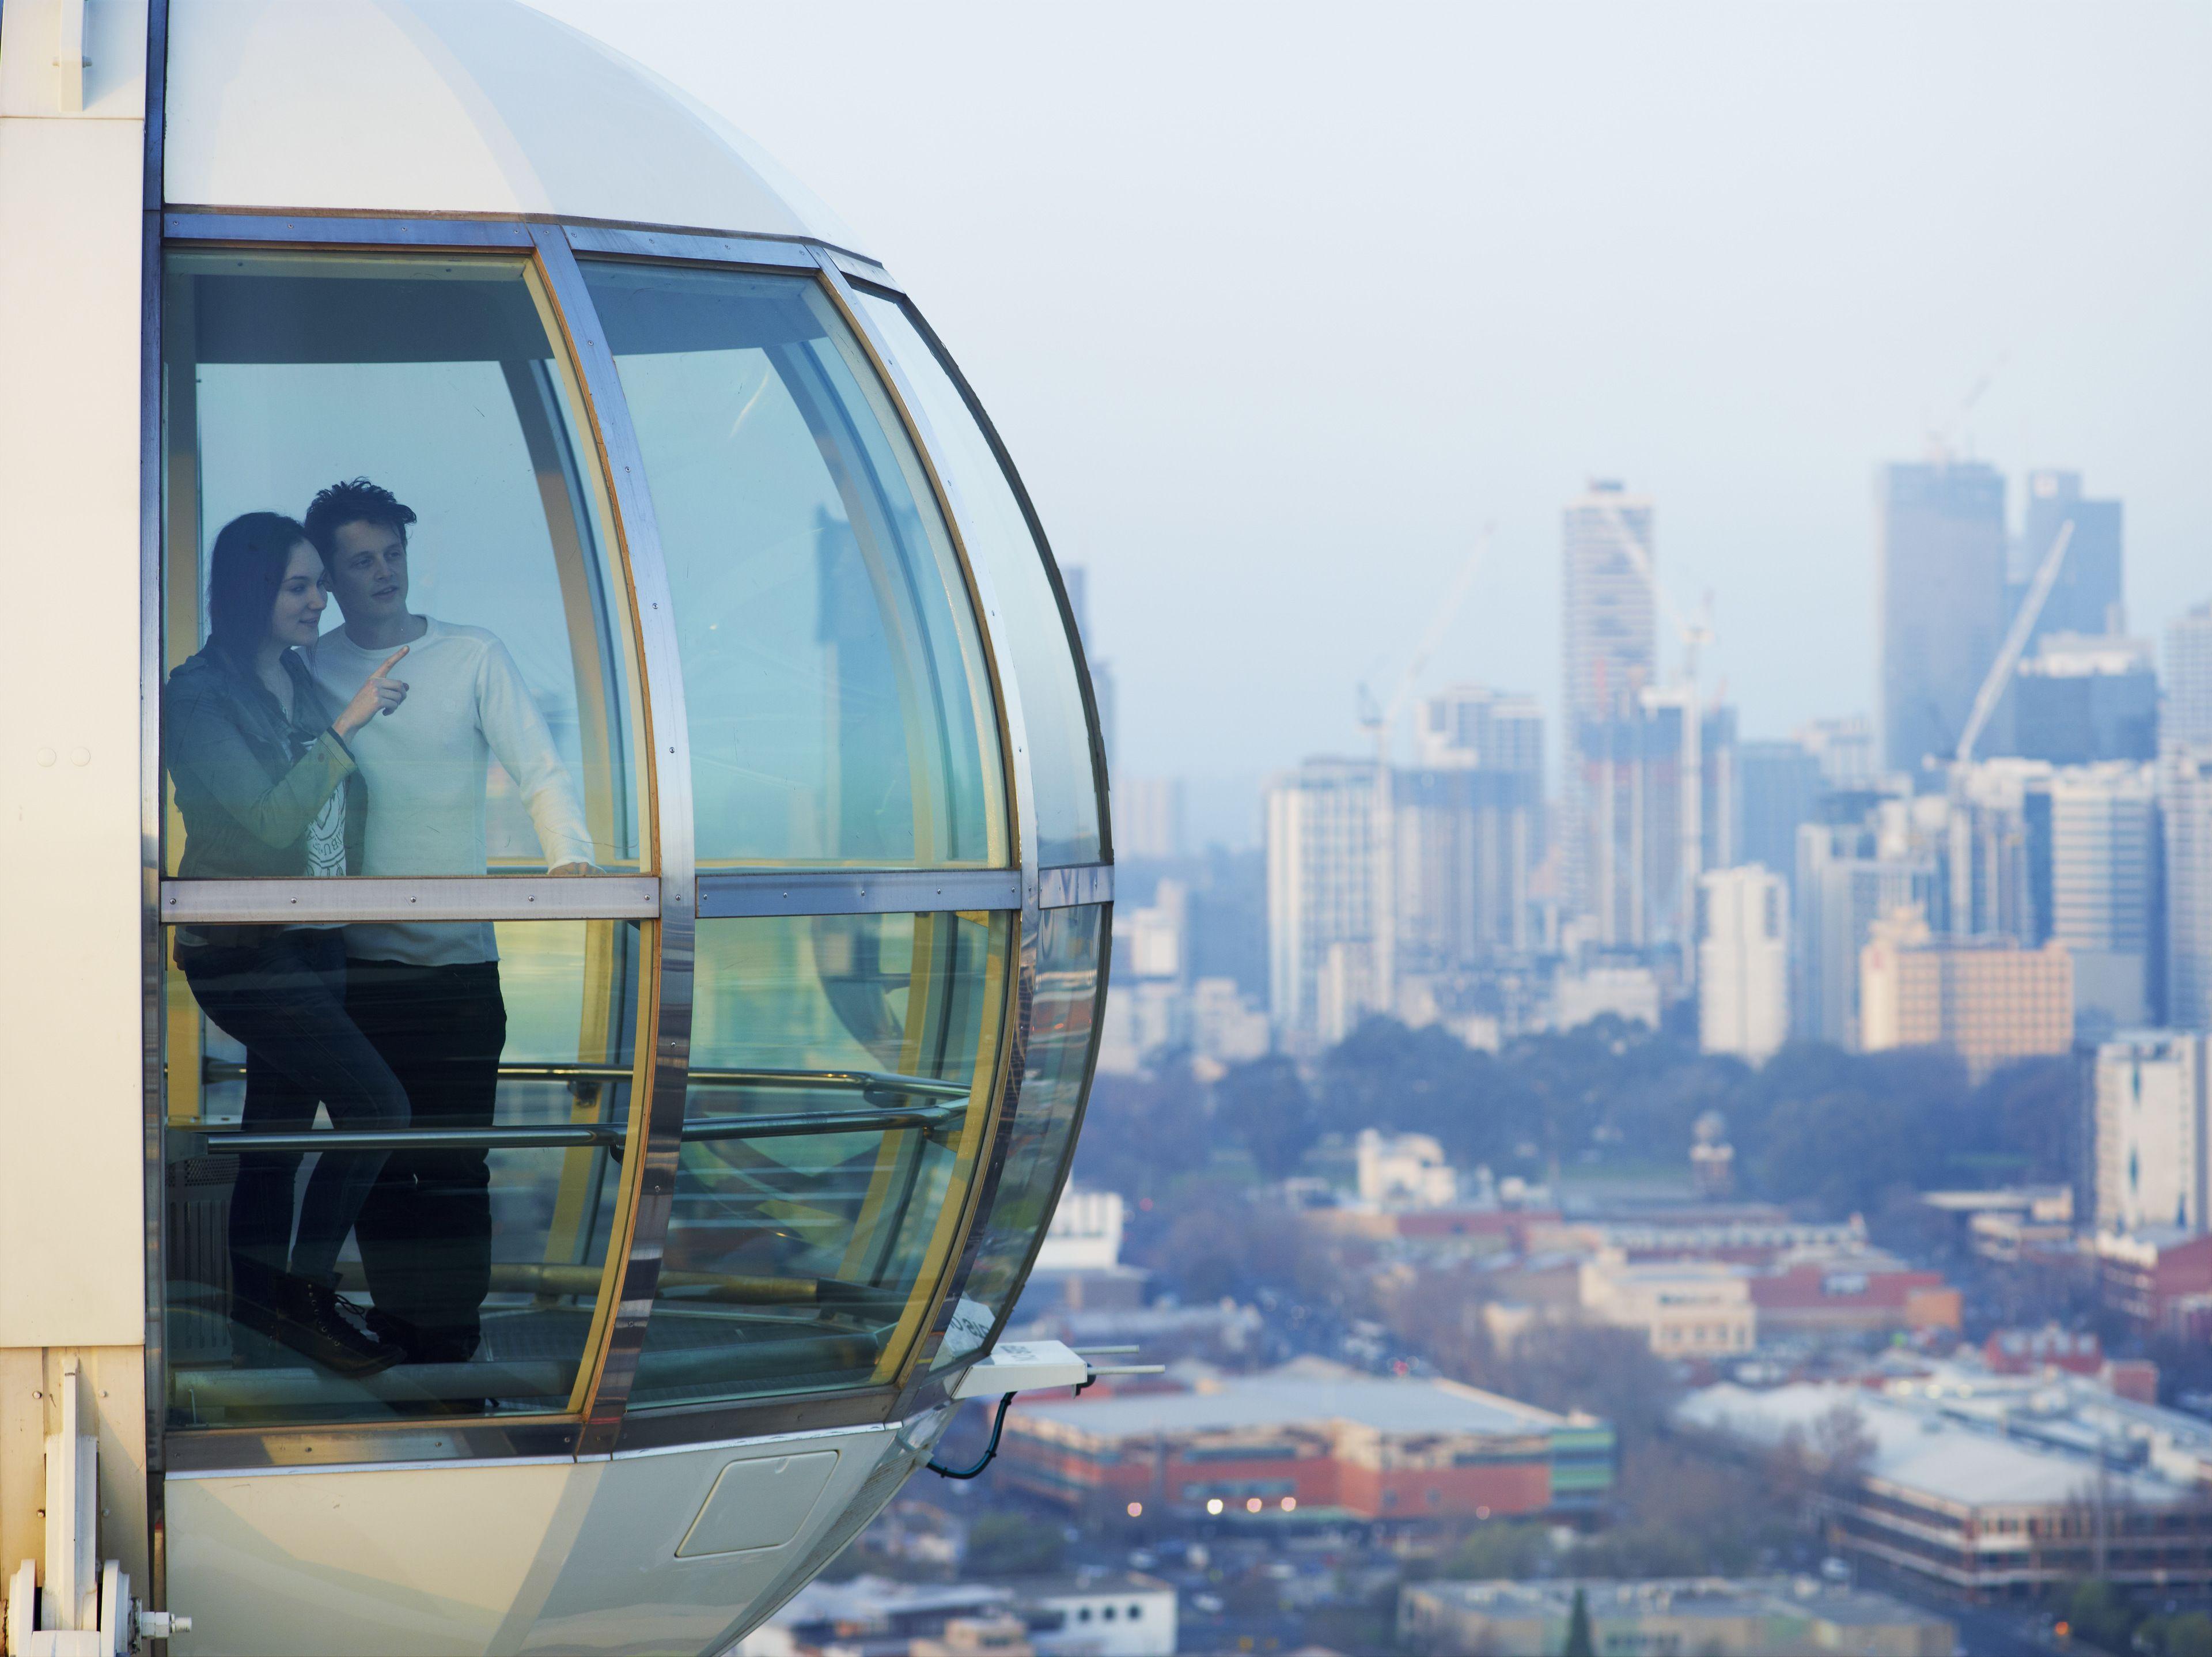 Alquiler privado de cabinas de la noria de observación Melbourne Star